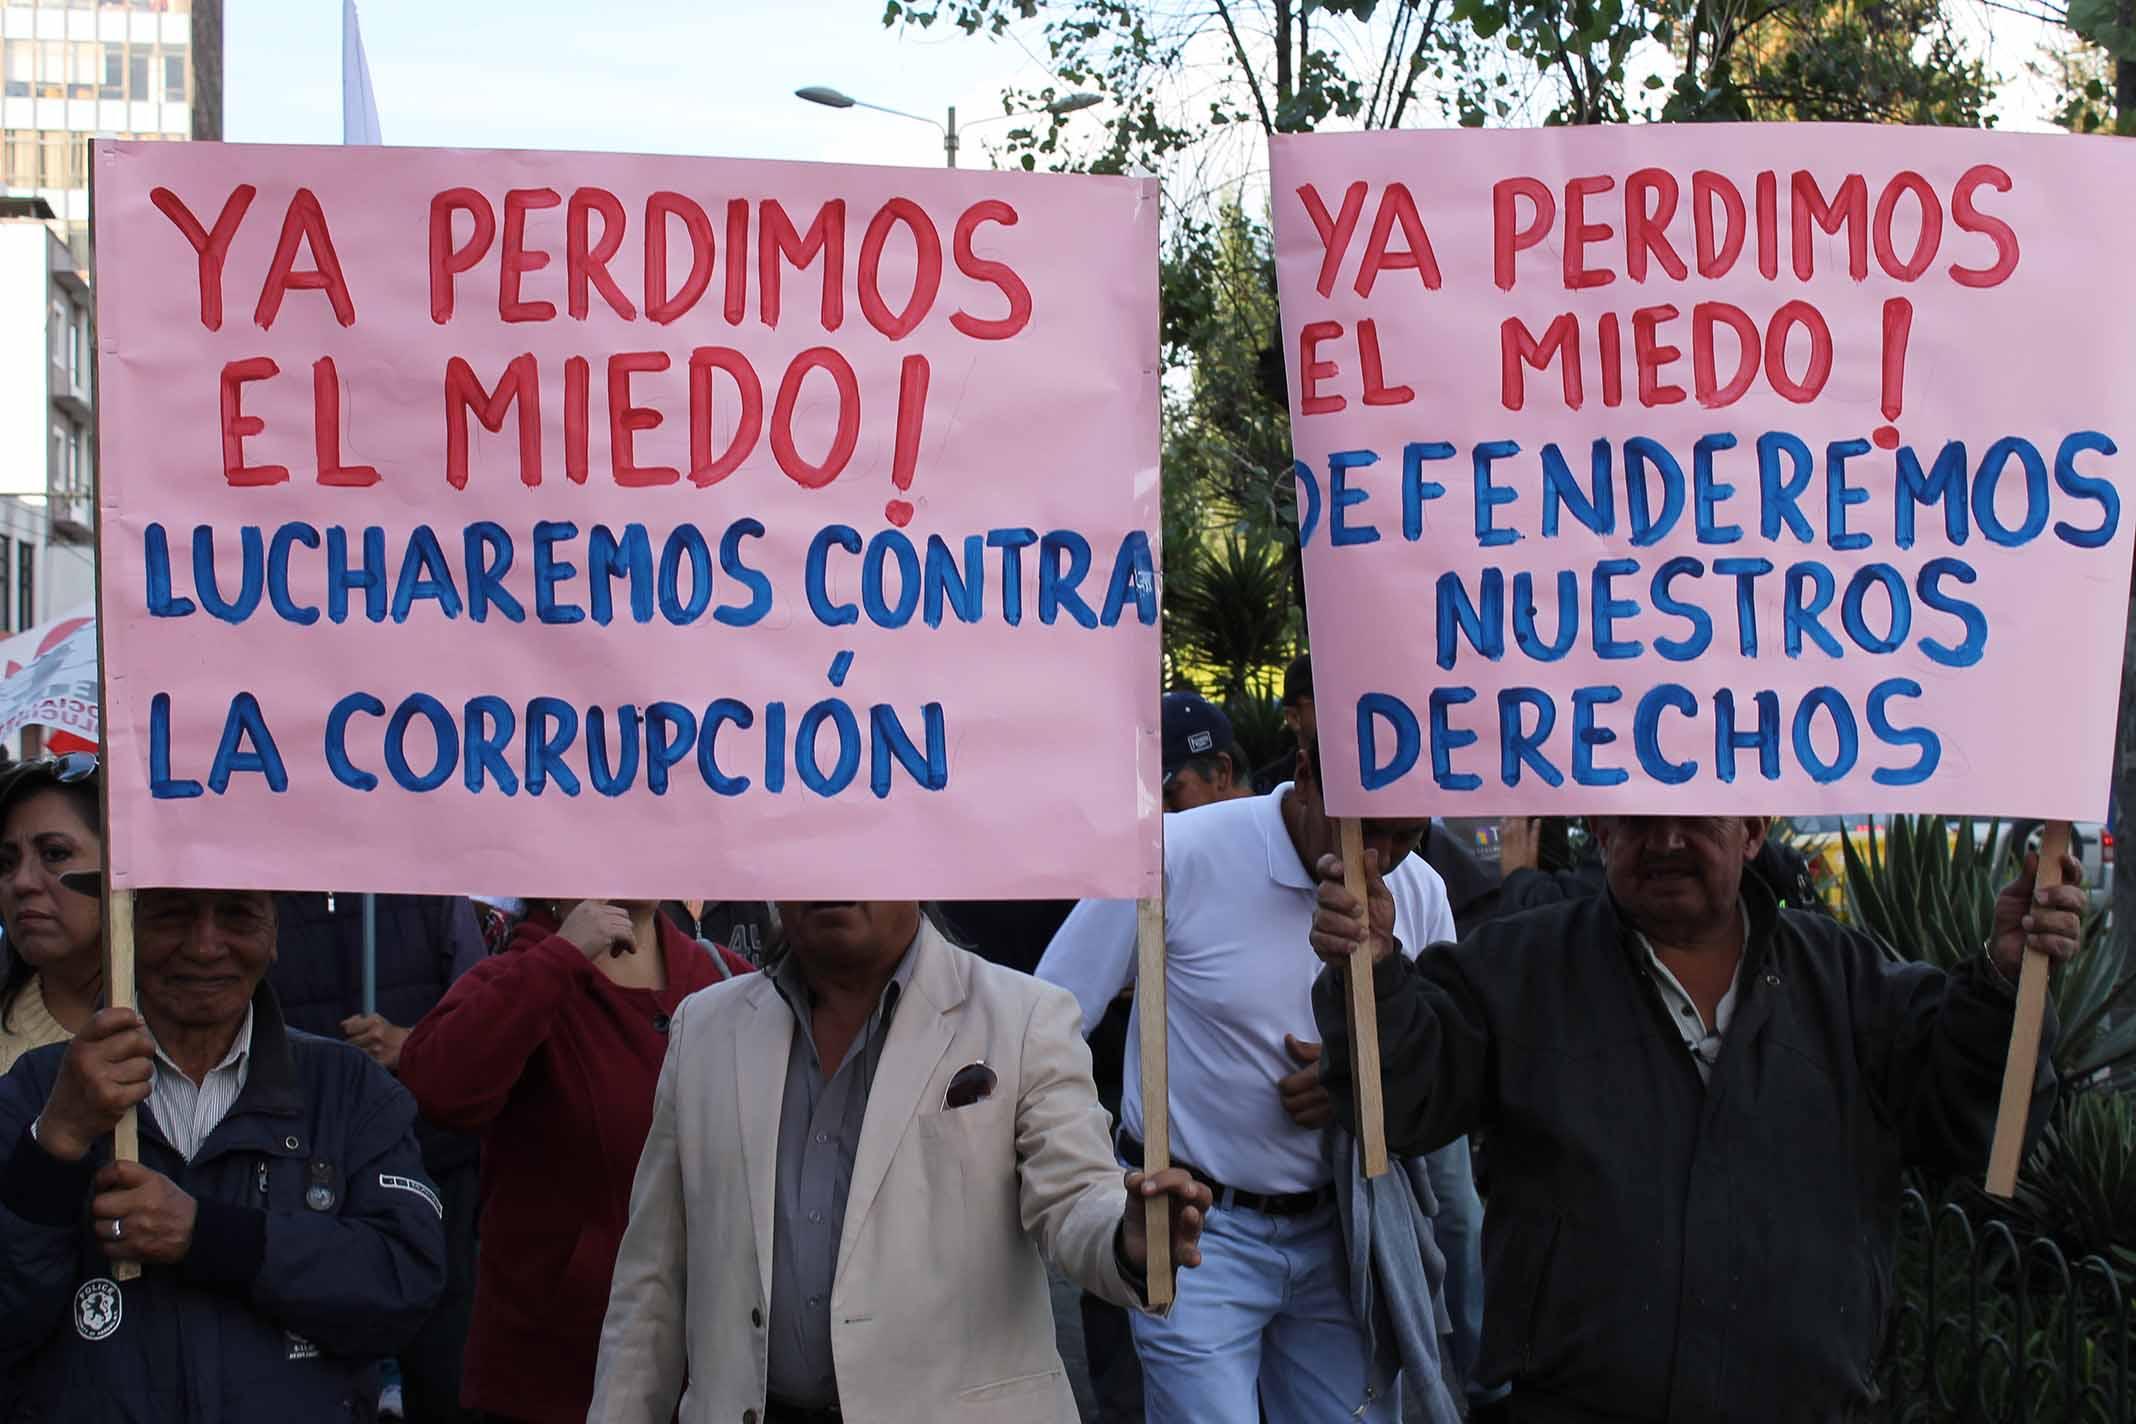 Protestas por desempleo, corrupción y alto costo de la vida